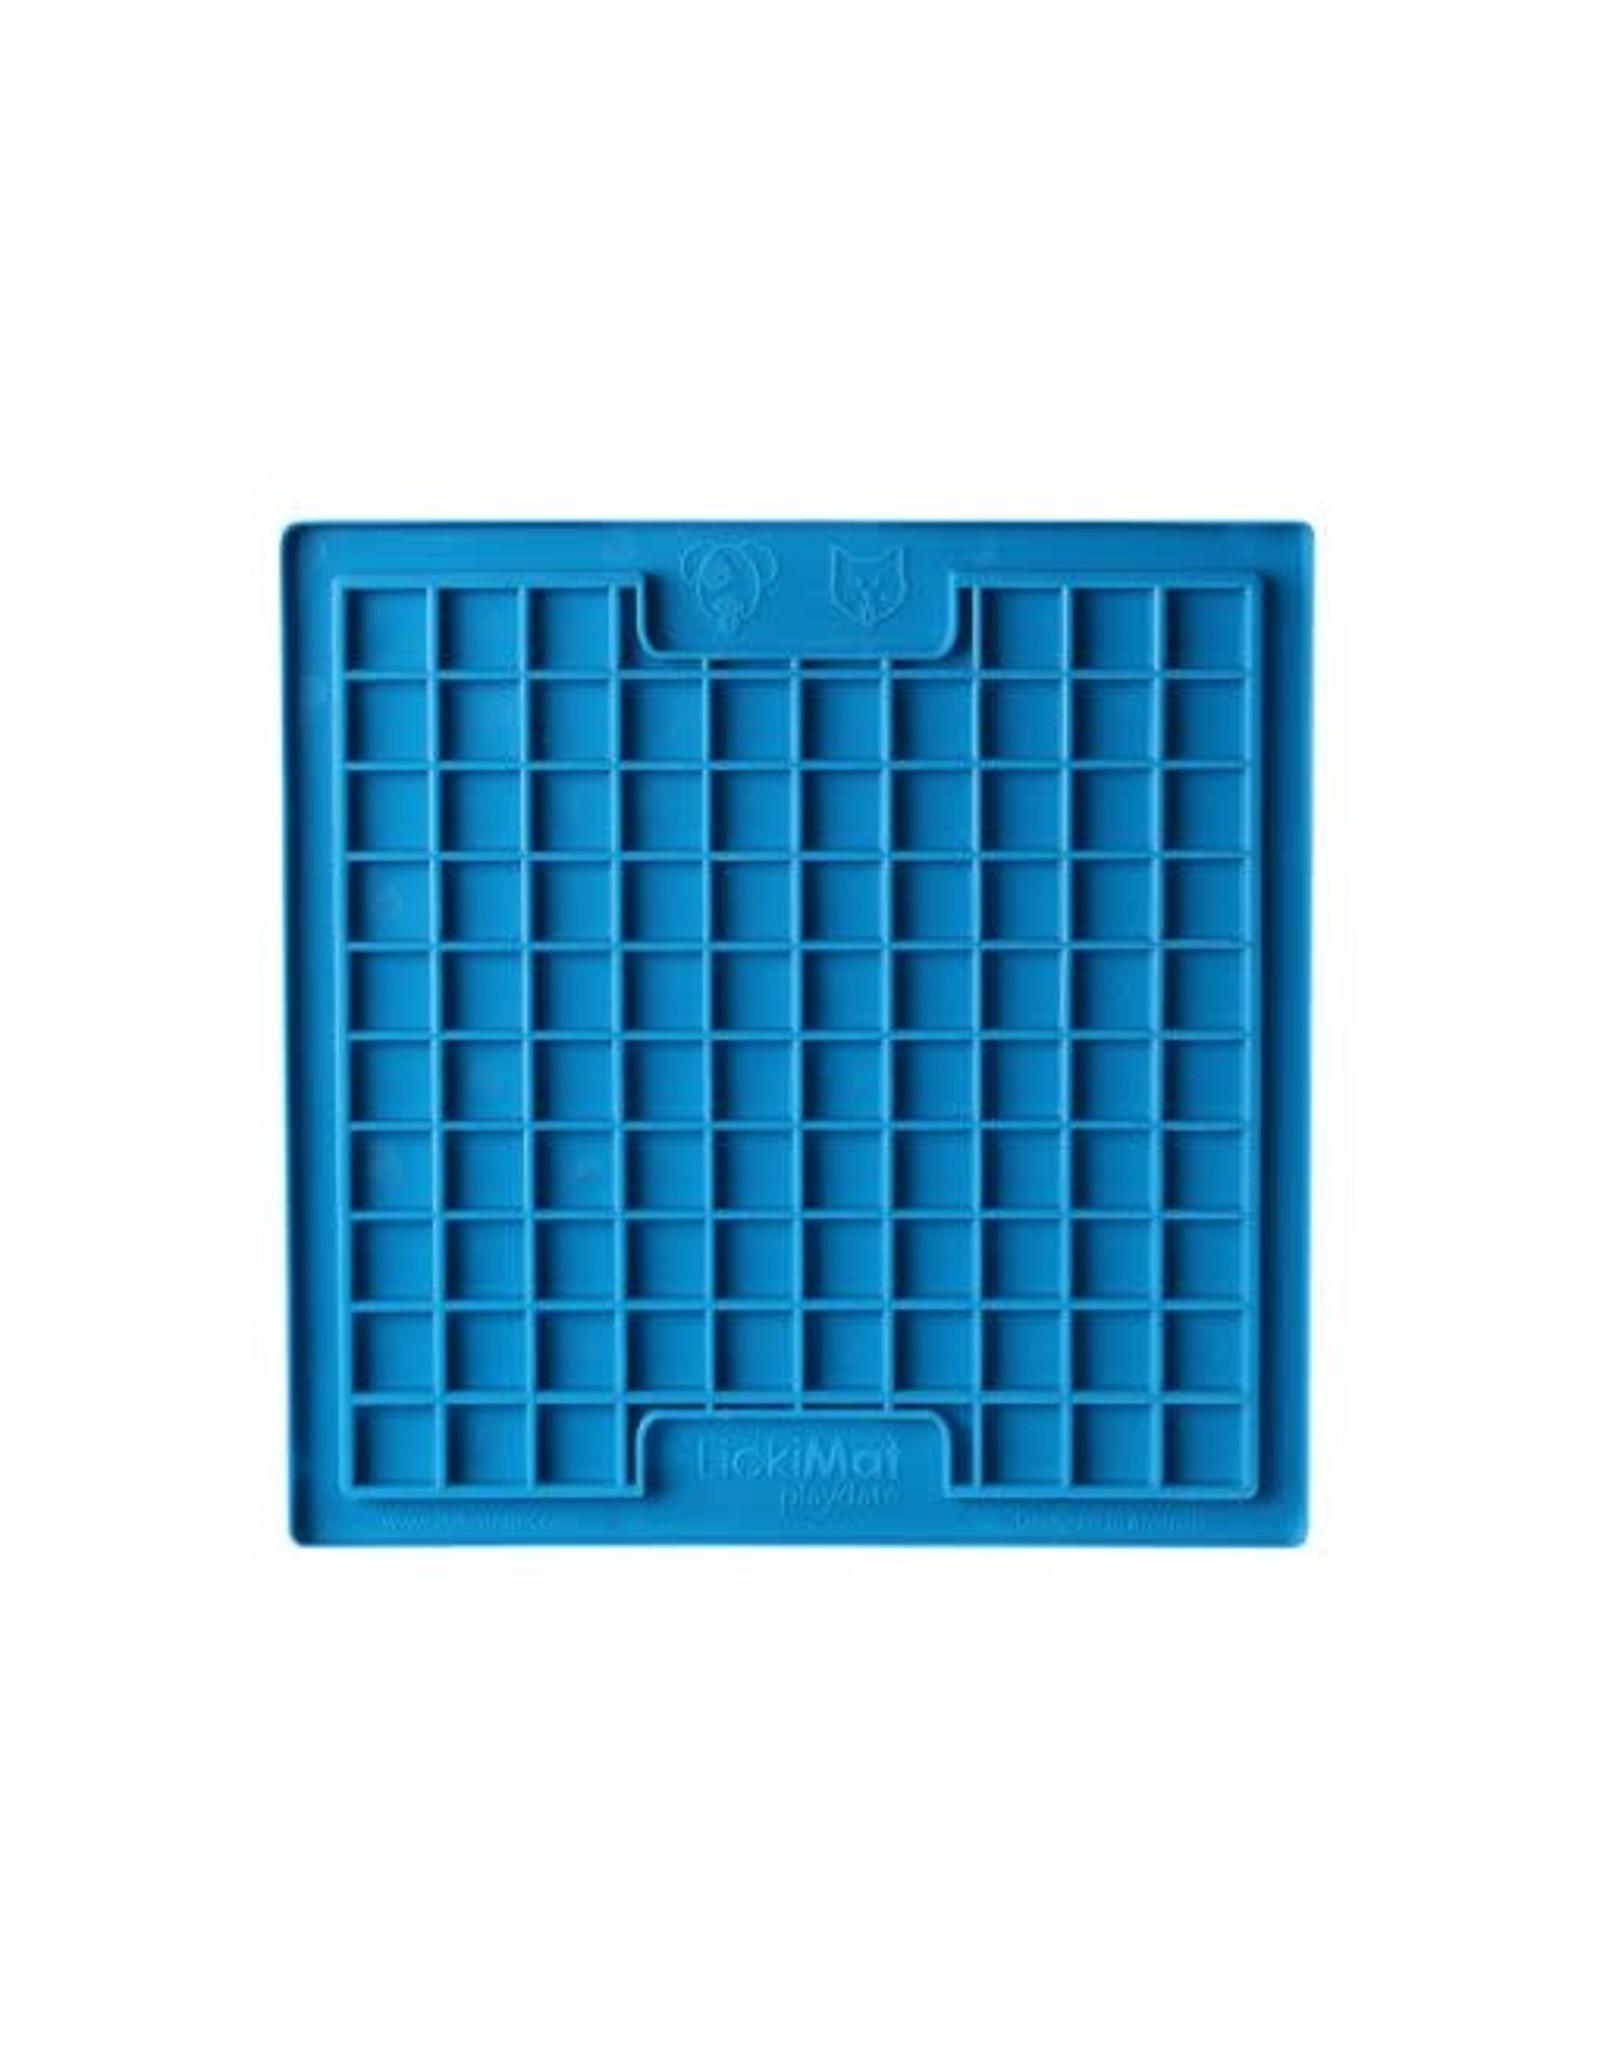 Hyper Pet Hyper Pet - LickiMat - Playdate - Blue